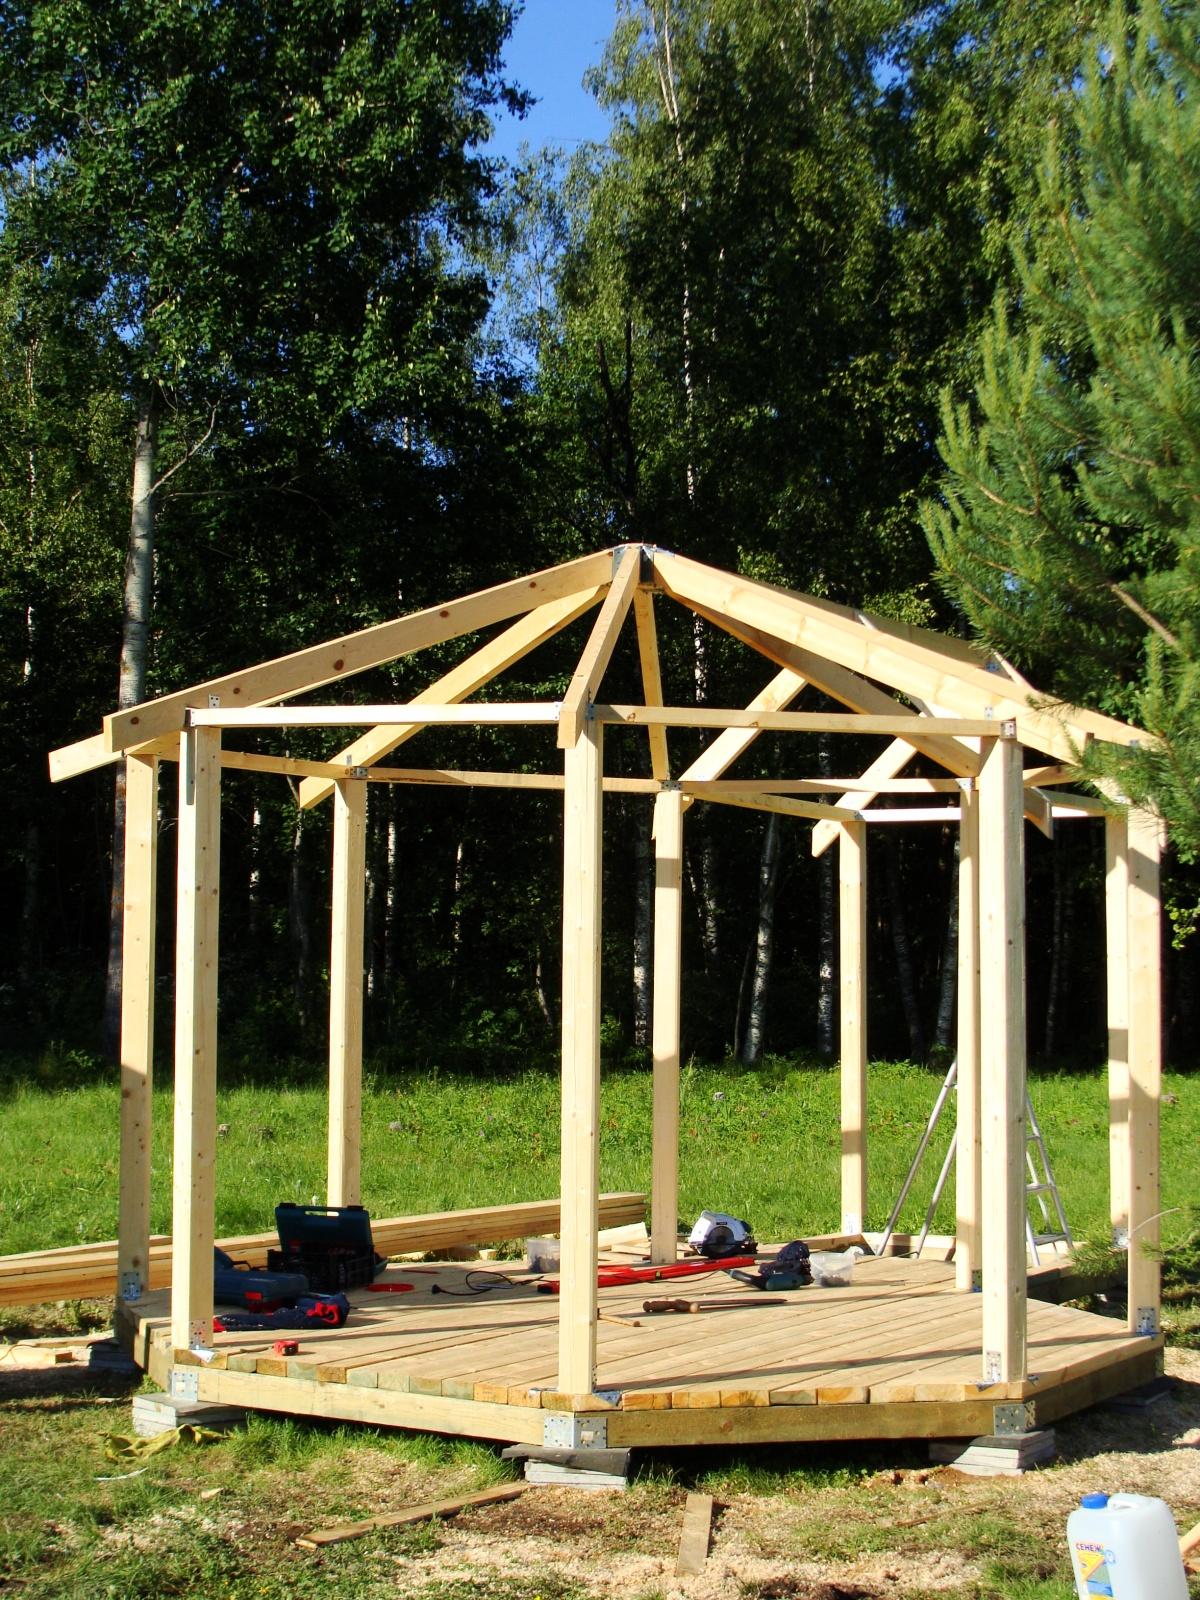 Беседка – пошаговая инструкция как сделать деревянную и кирпичную беседку своими руками (65 фото)